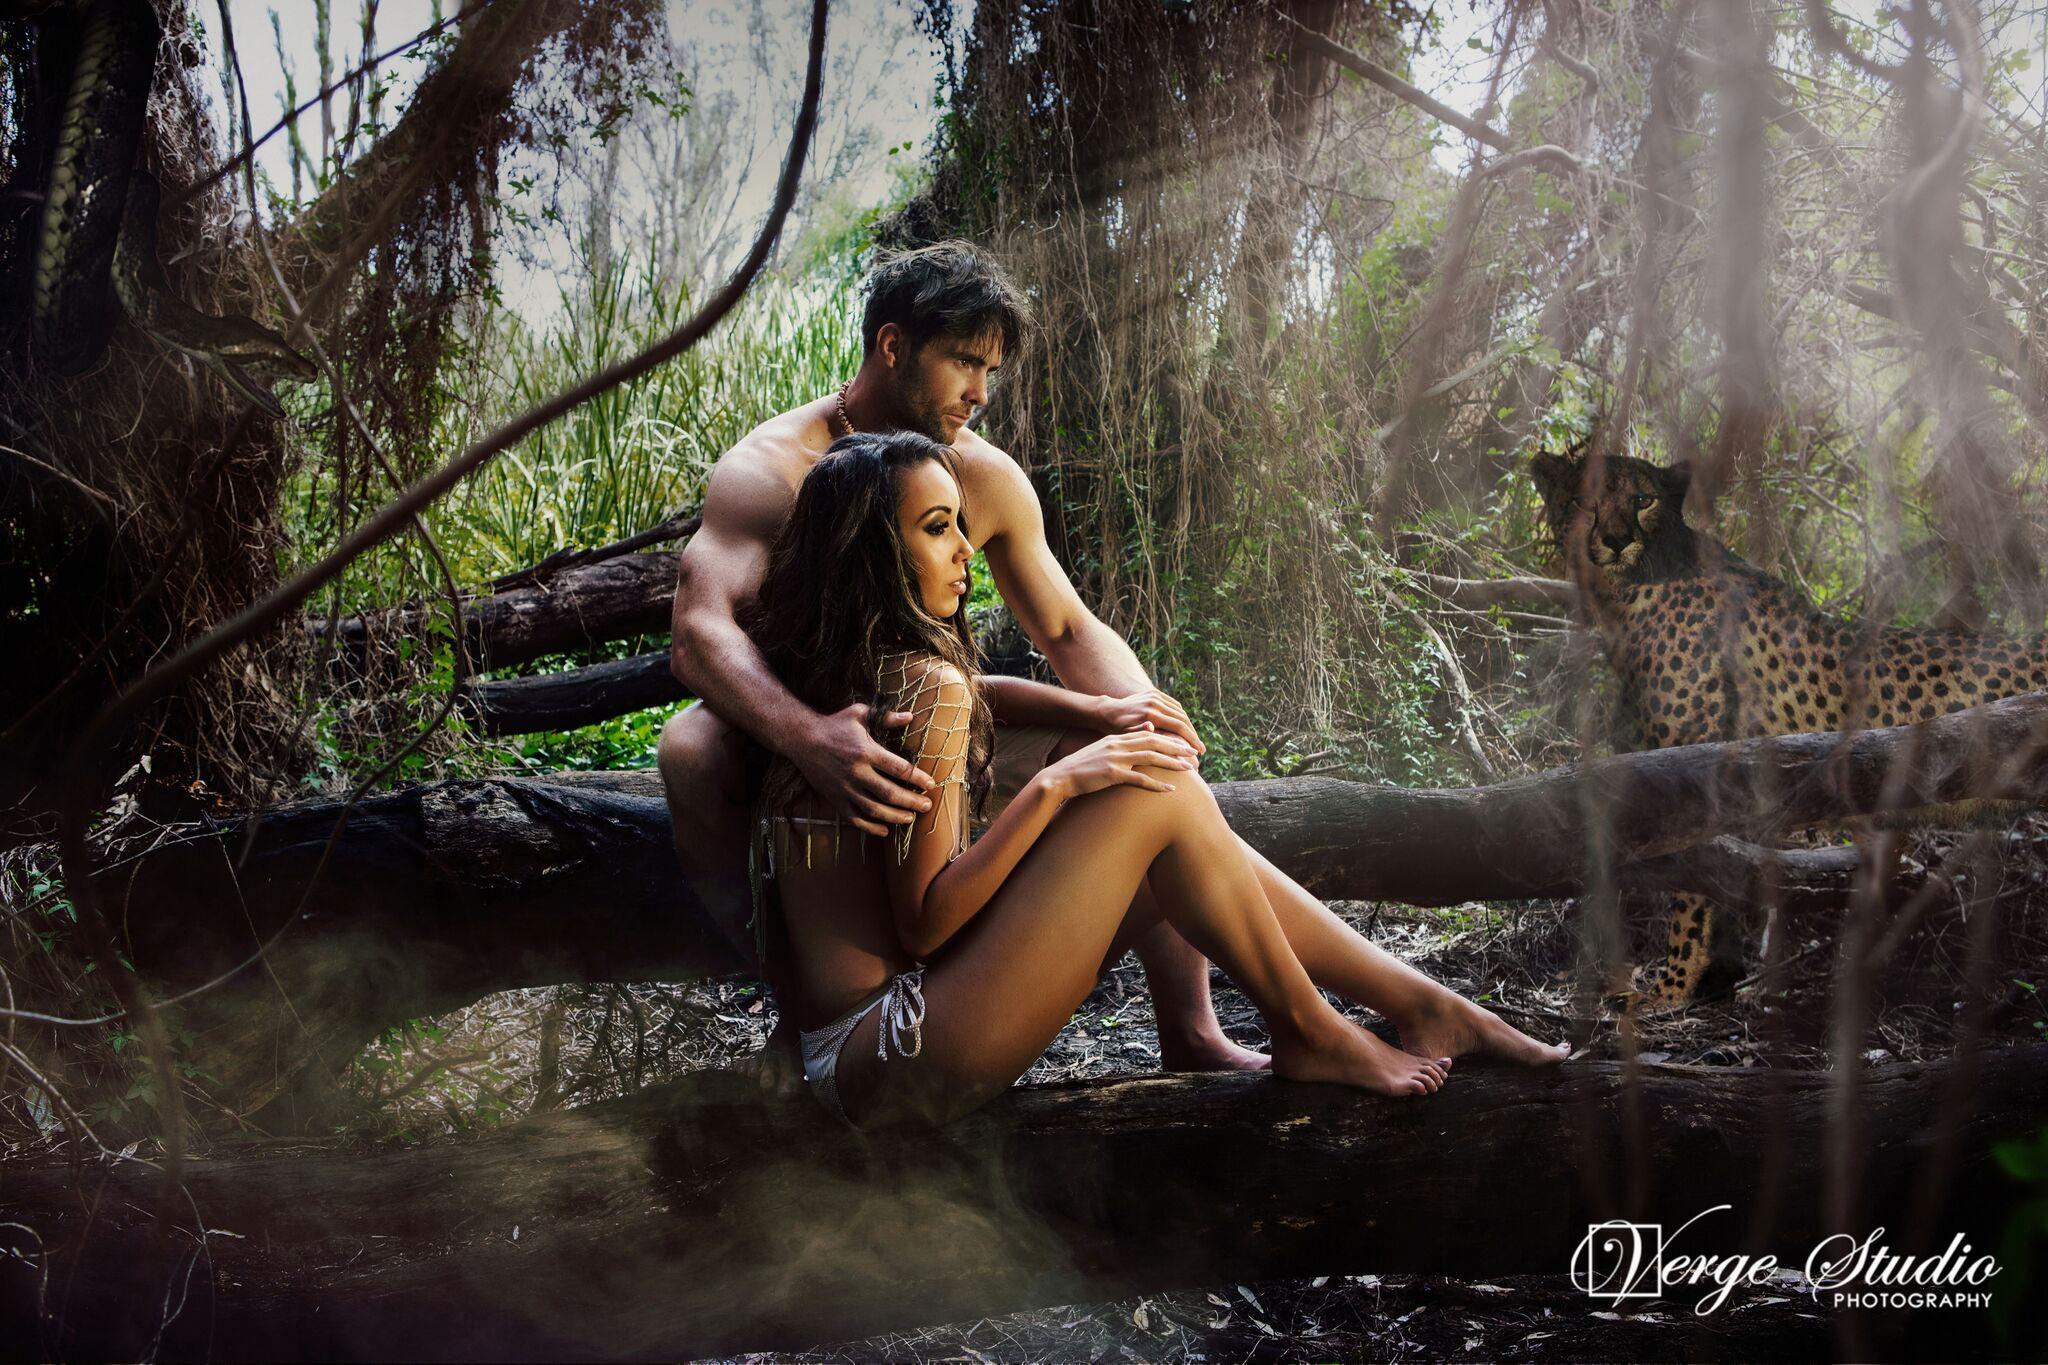 Verge Studio Photography